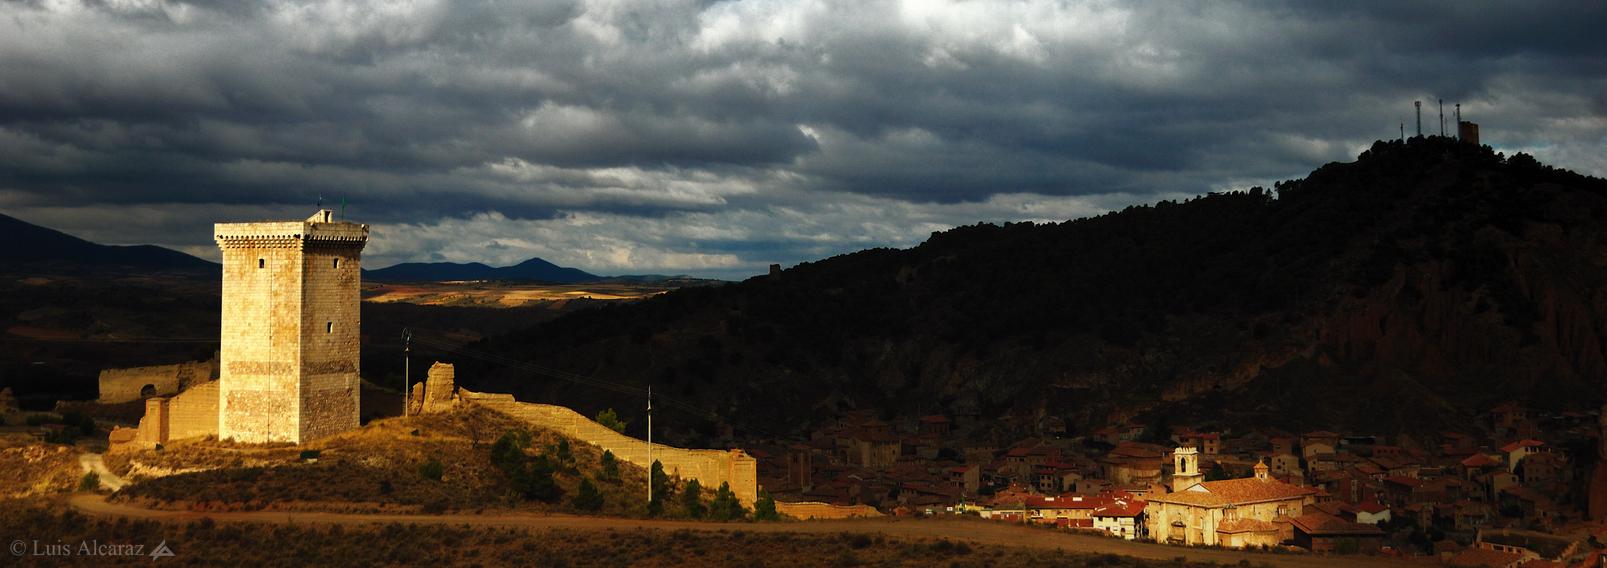 http://luis-alcaraz.es/files/gimgs/15_-luis-alcaraz----8gb0589b.jpg